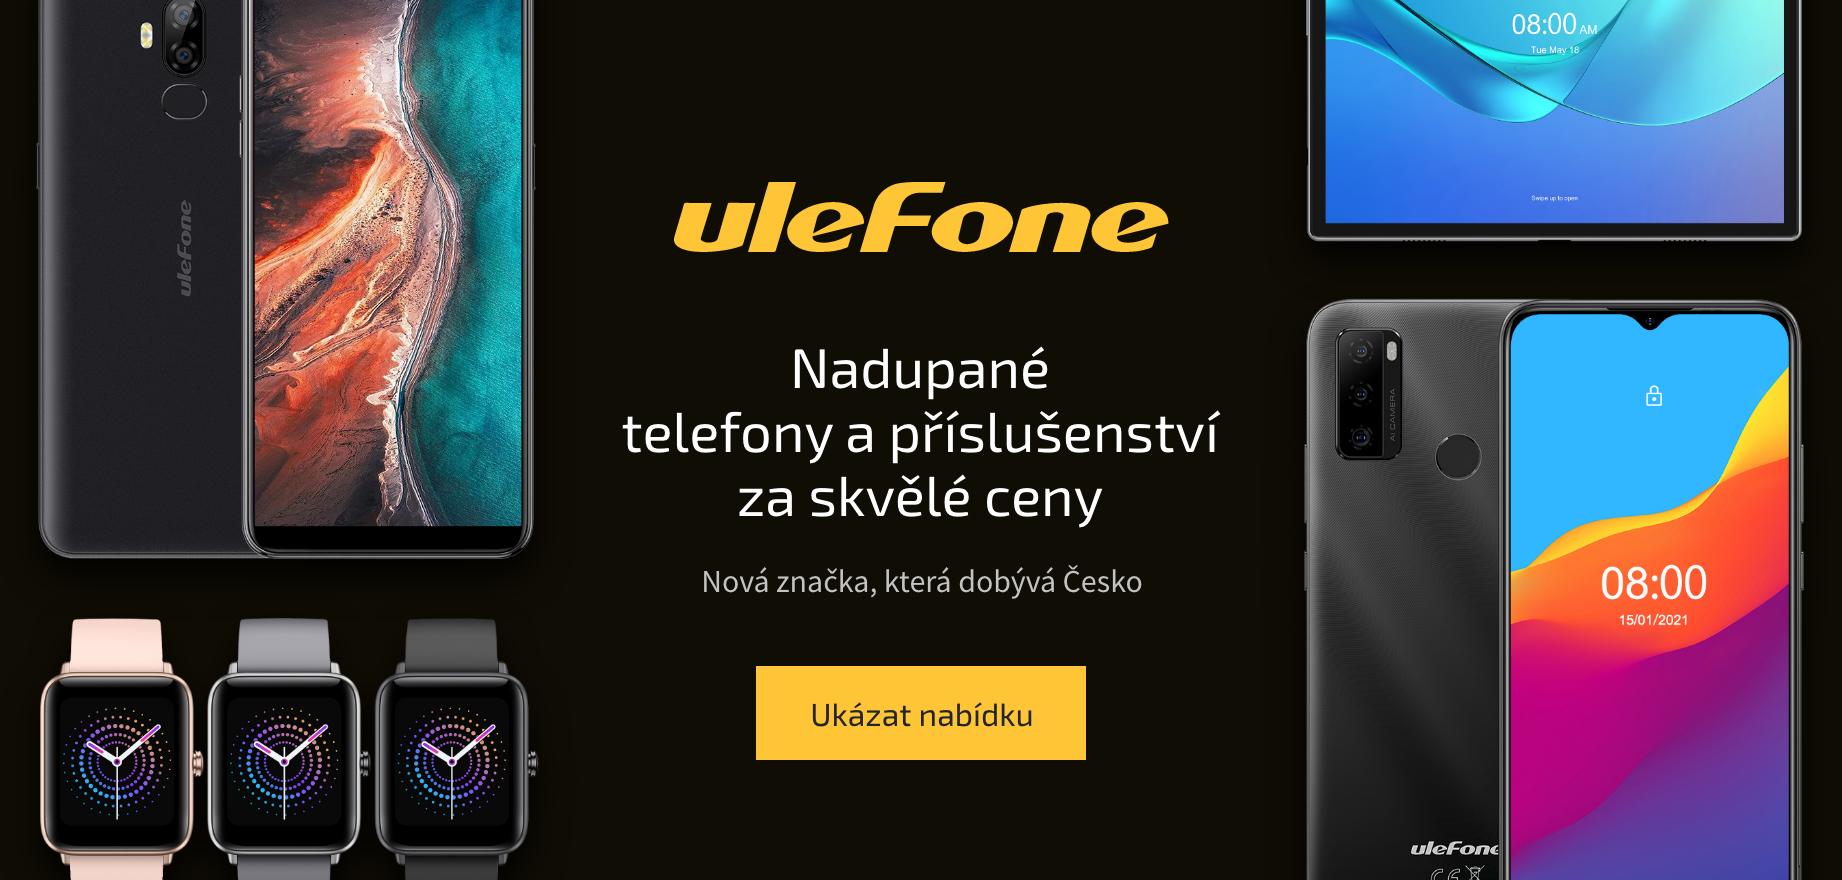 Nadupané telefony